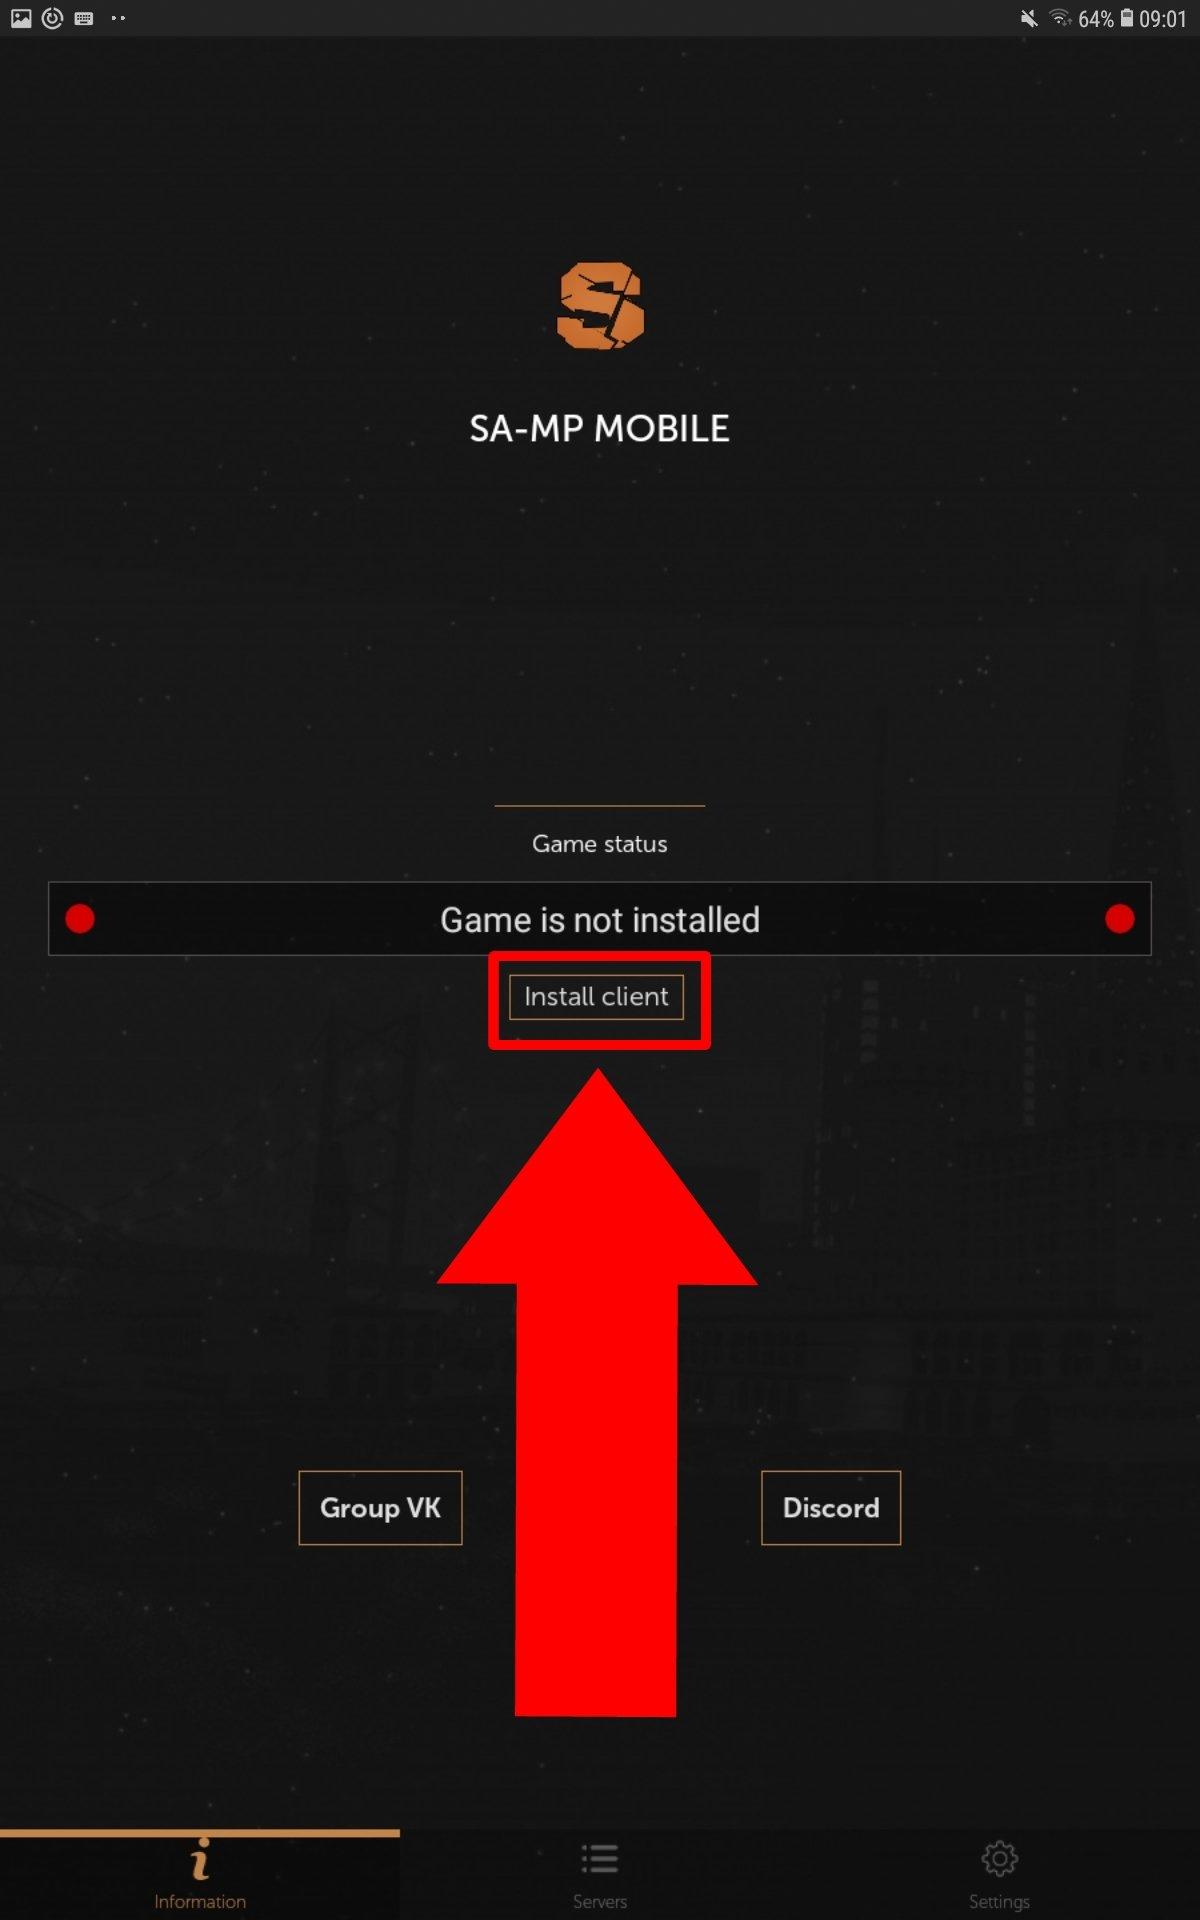 Toca en Install client para comenzar el proceso de instalación de SA-MP Mobile